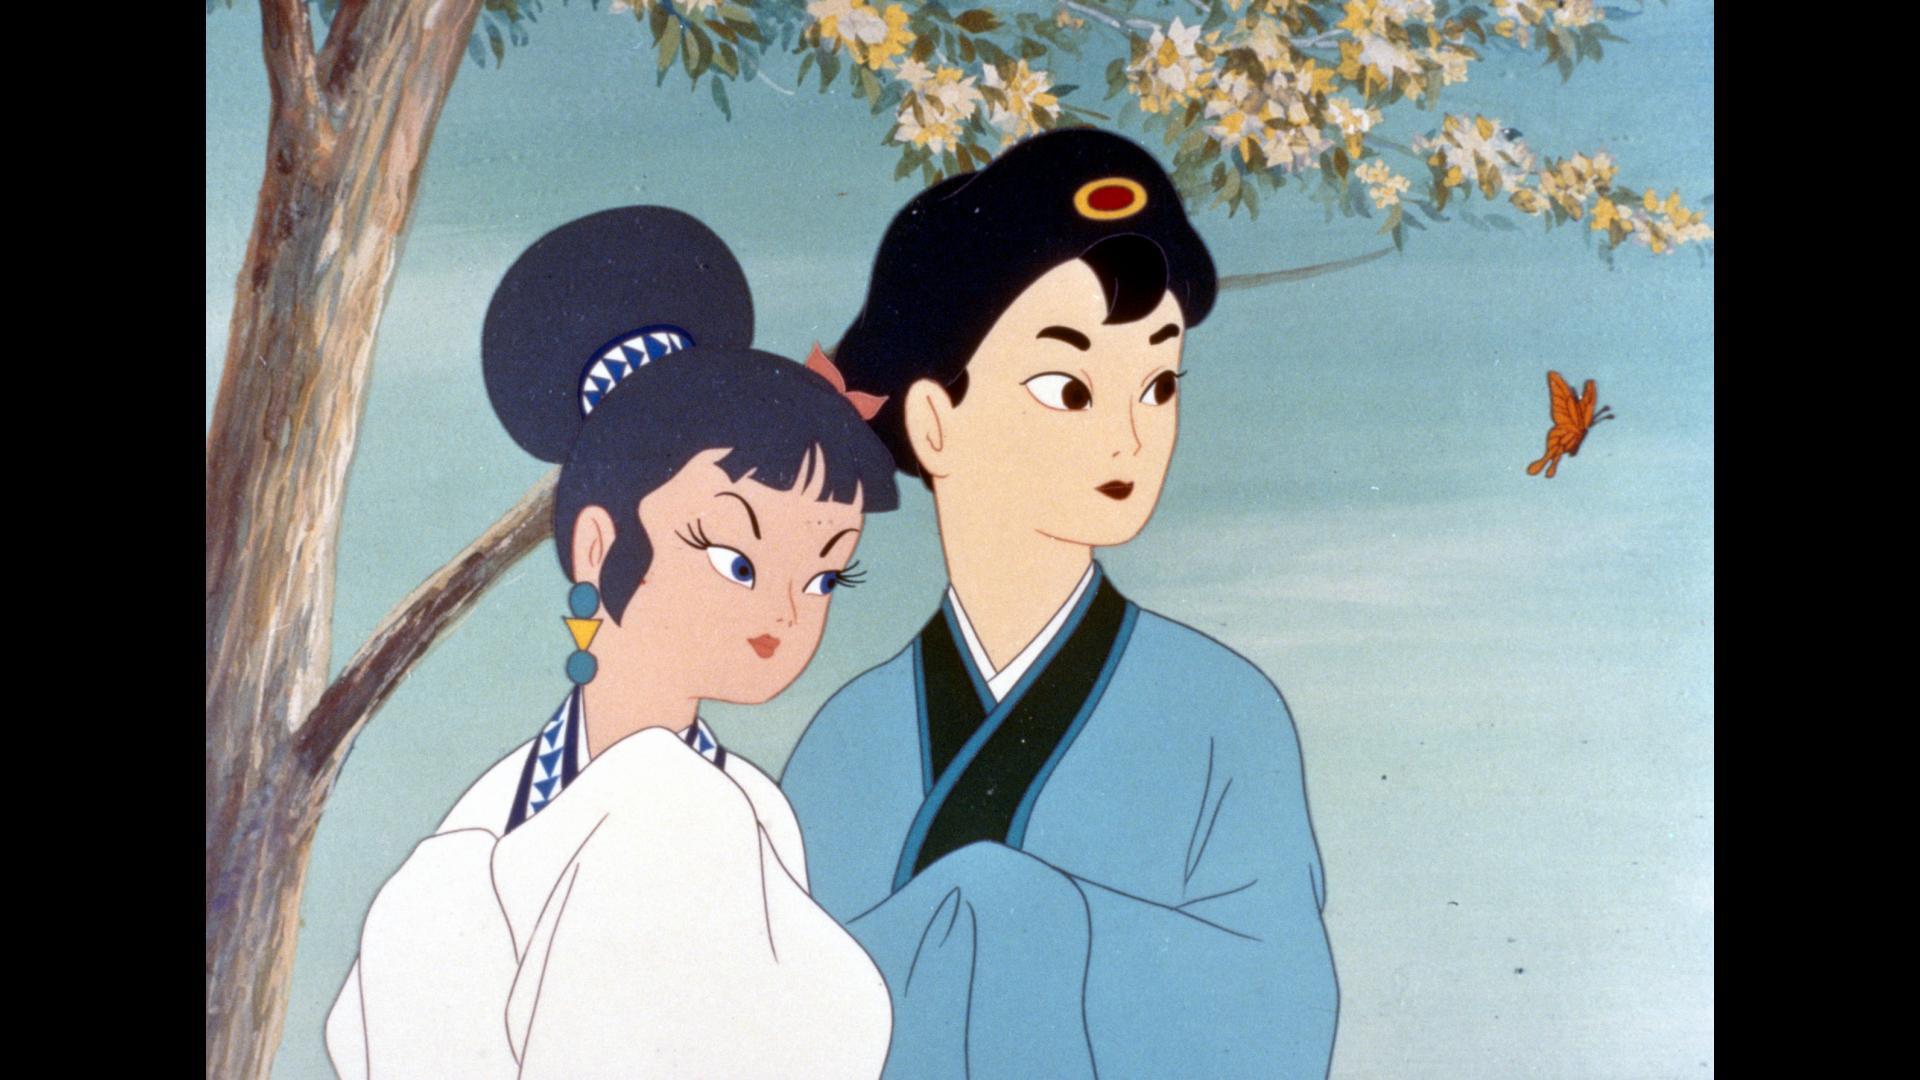 The start of the anime industry – Toei Douga & Hakujaden